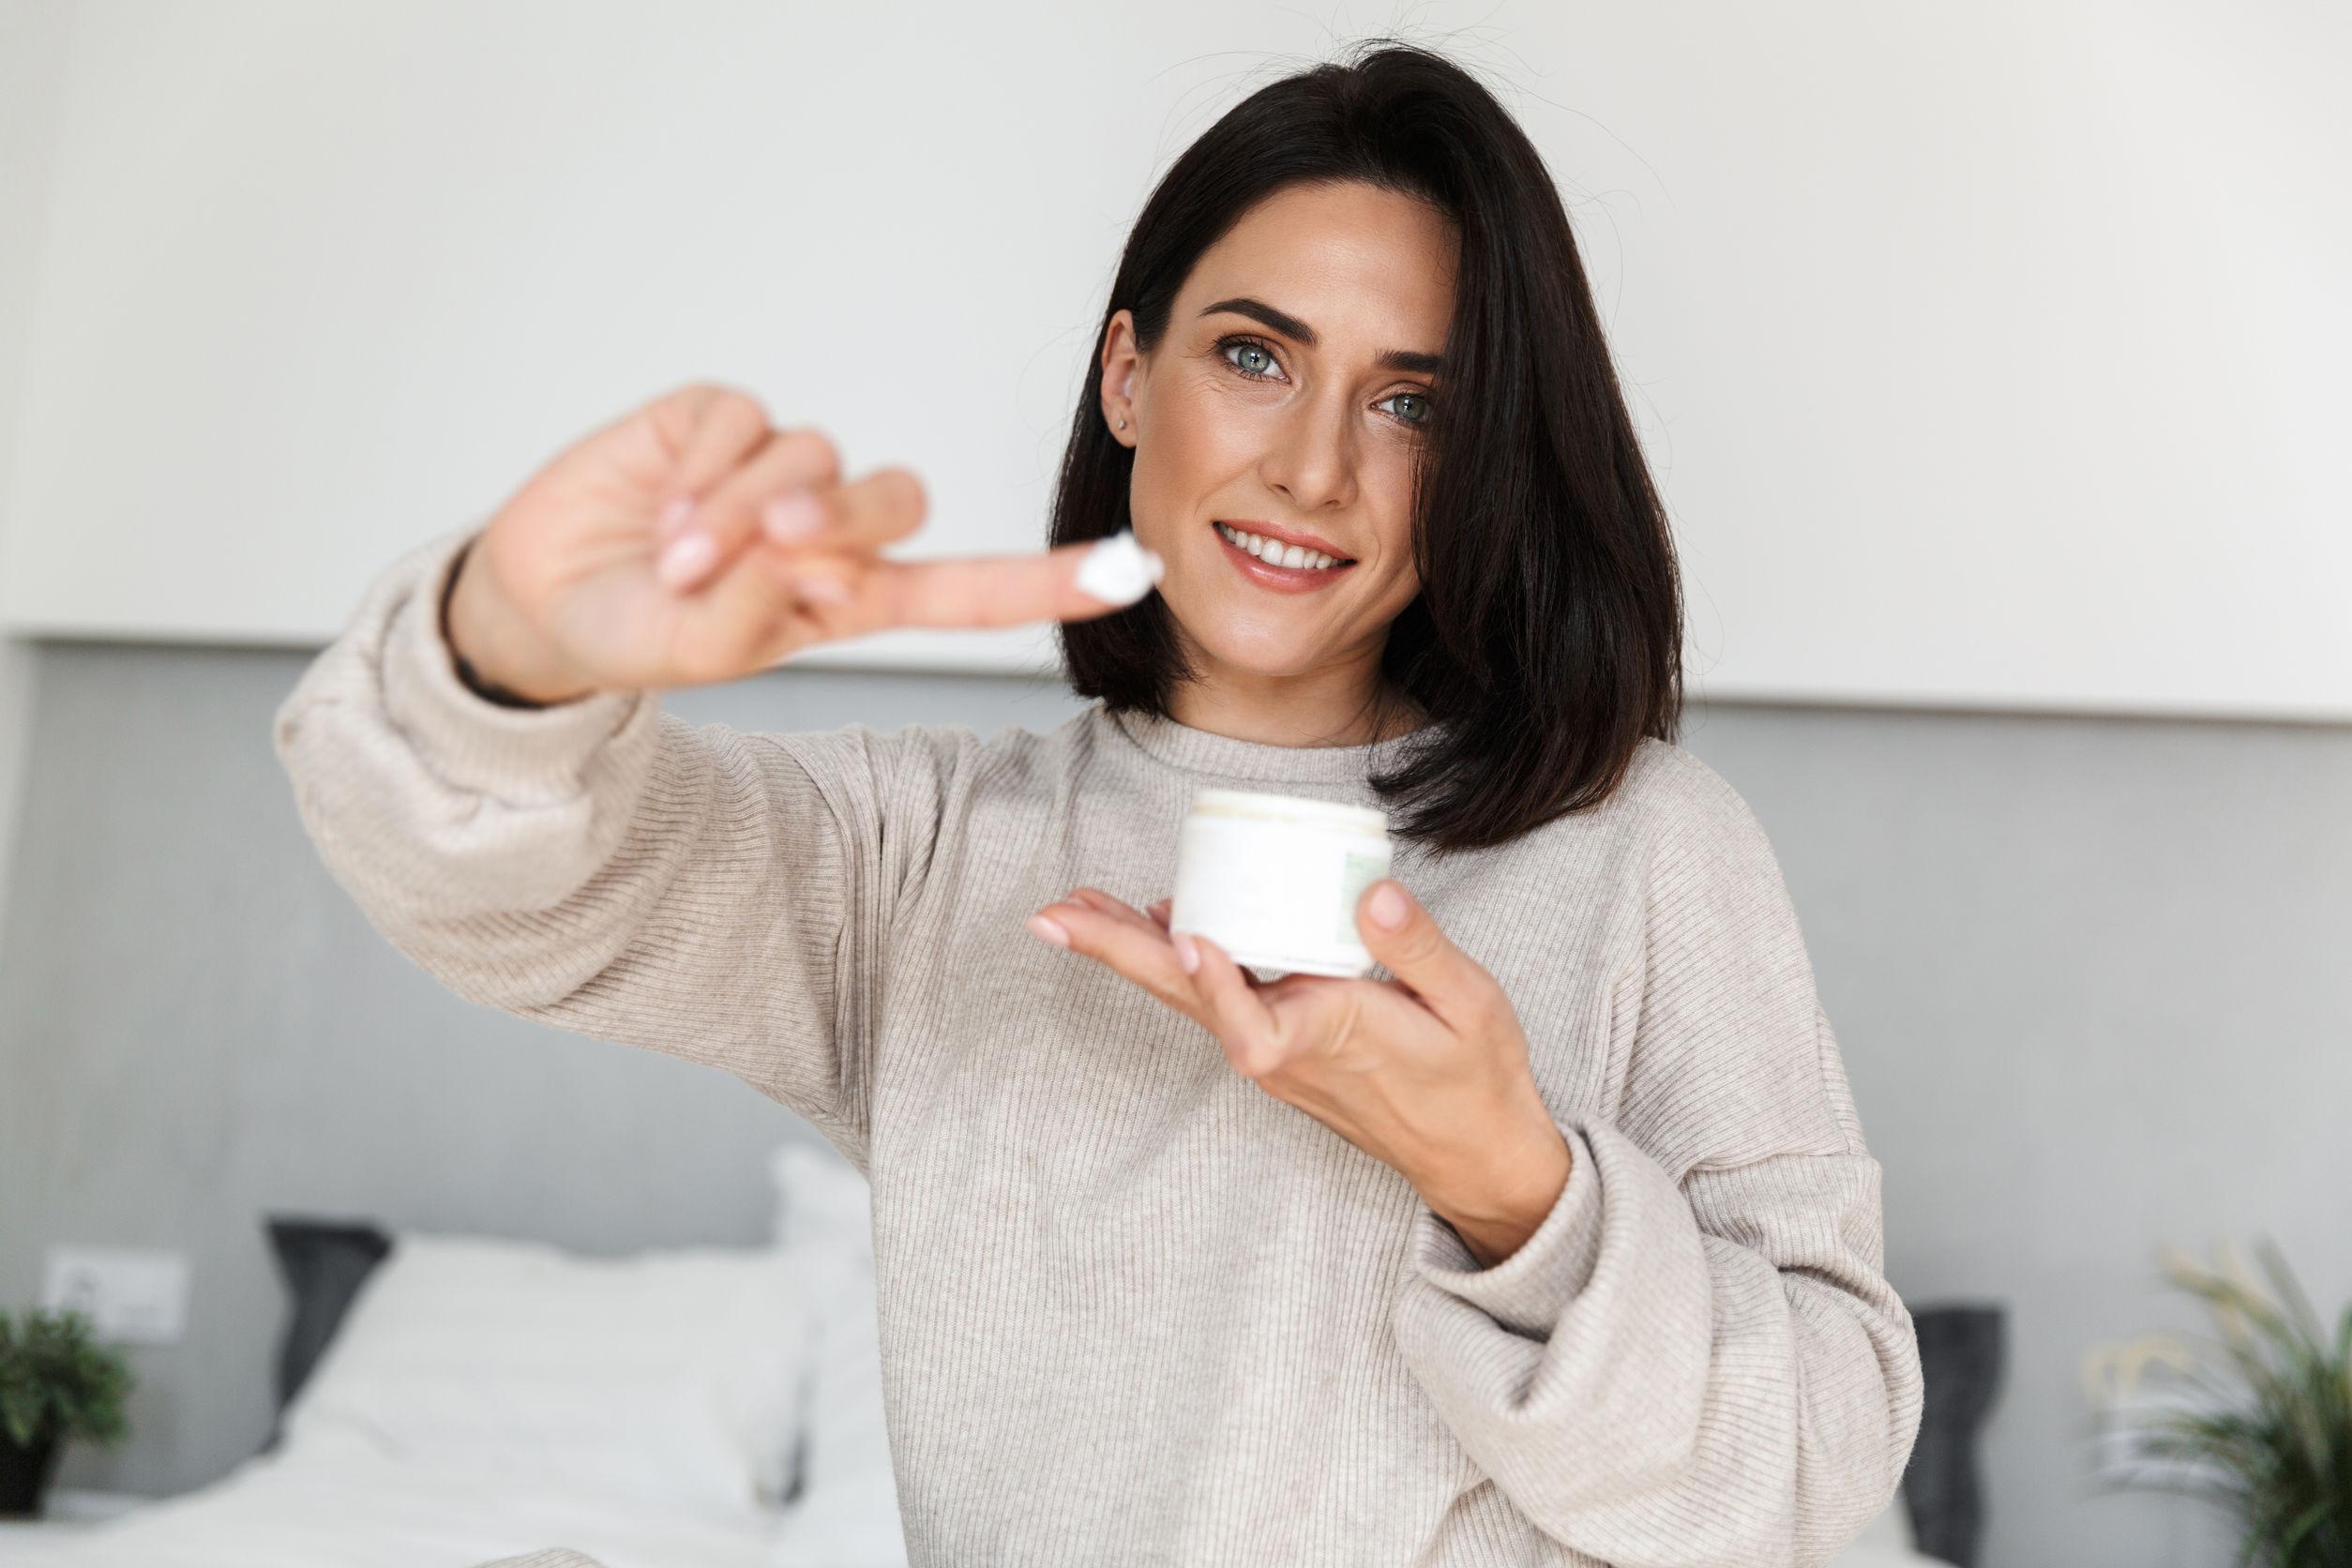 Imagen de mujer atractiva de 30 años sosteniendo el tarro con crema reafirmante